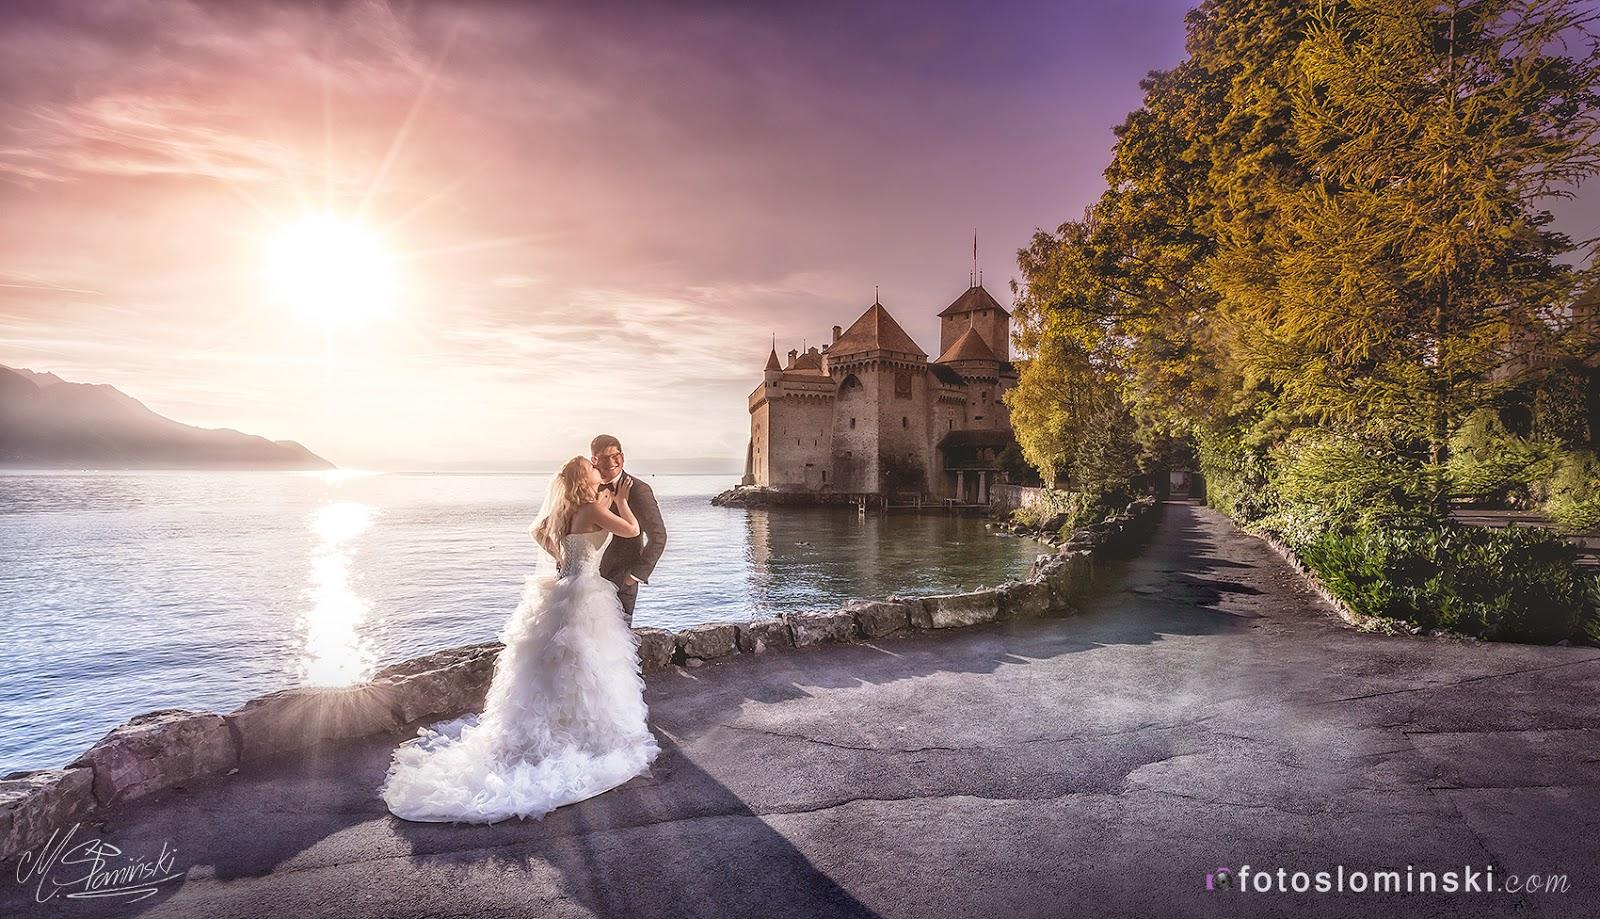 3 najlepsze zdjęcia ślubne na zamku Château de Chillon w Szwajcarii. Fotografia ślubna (Fotograf Słomiński Wrocław).